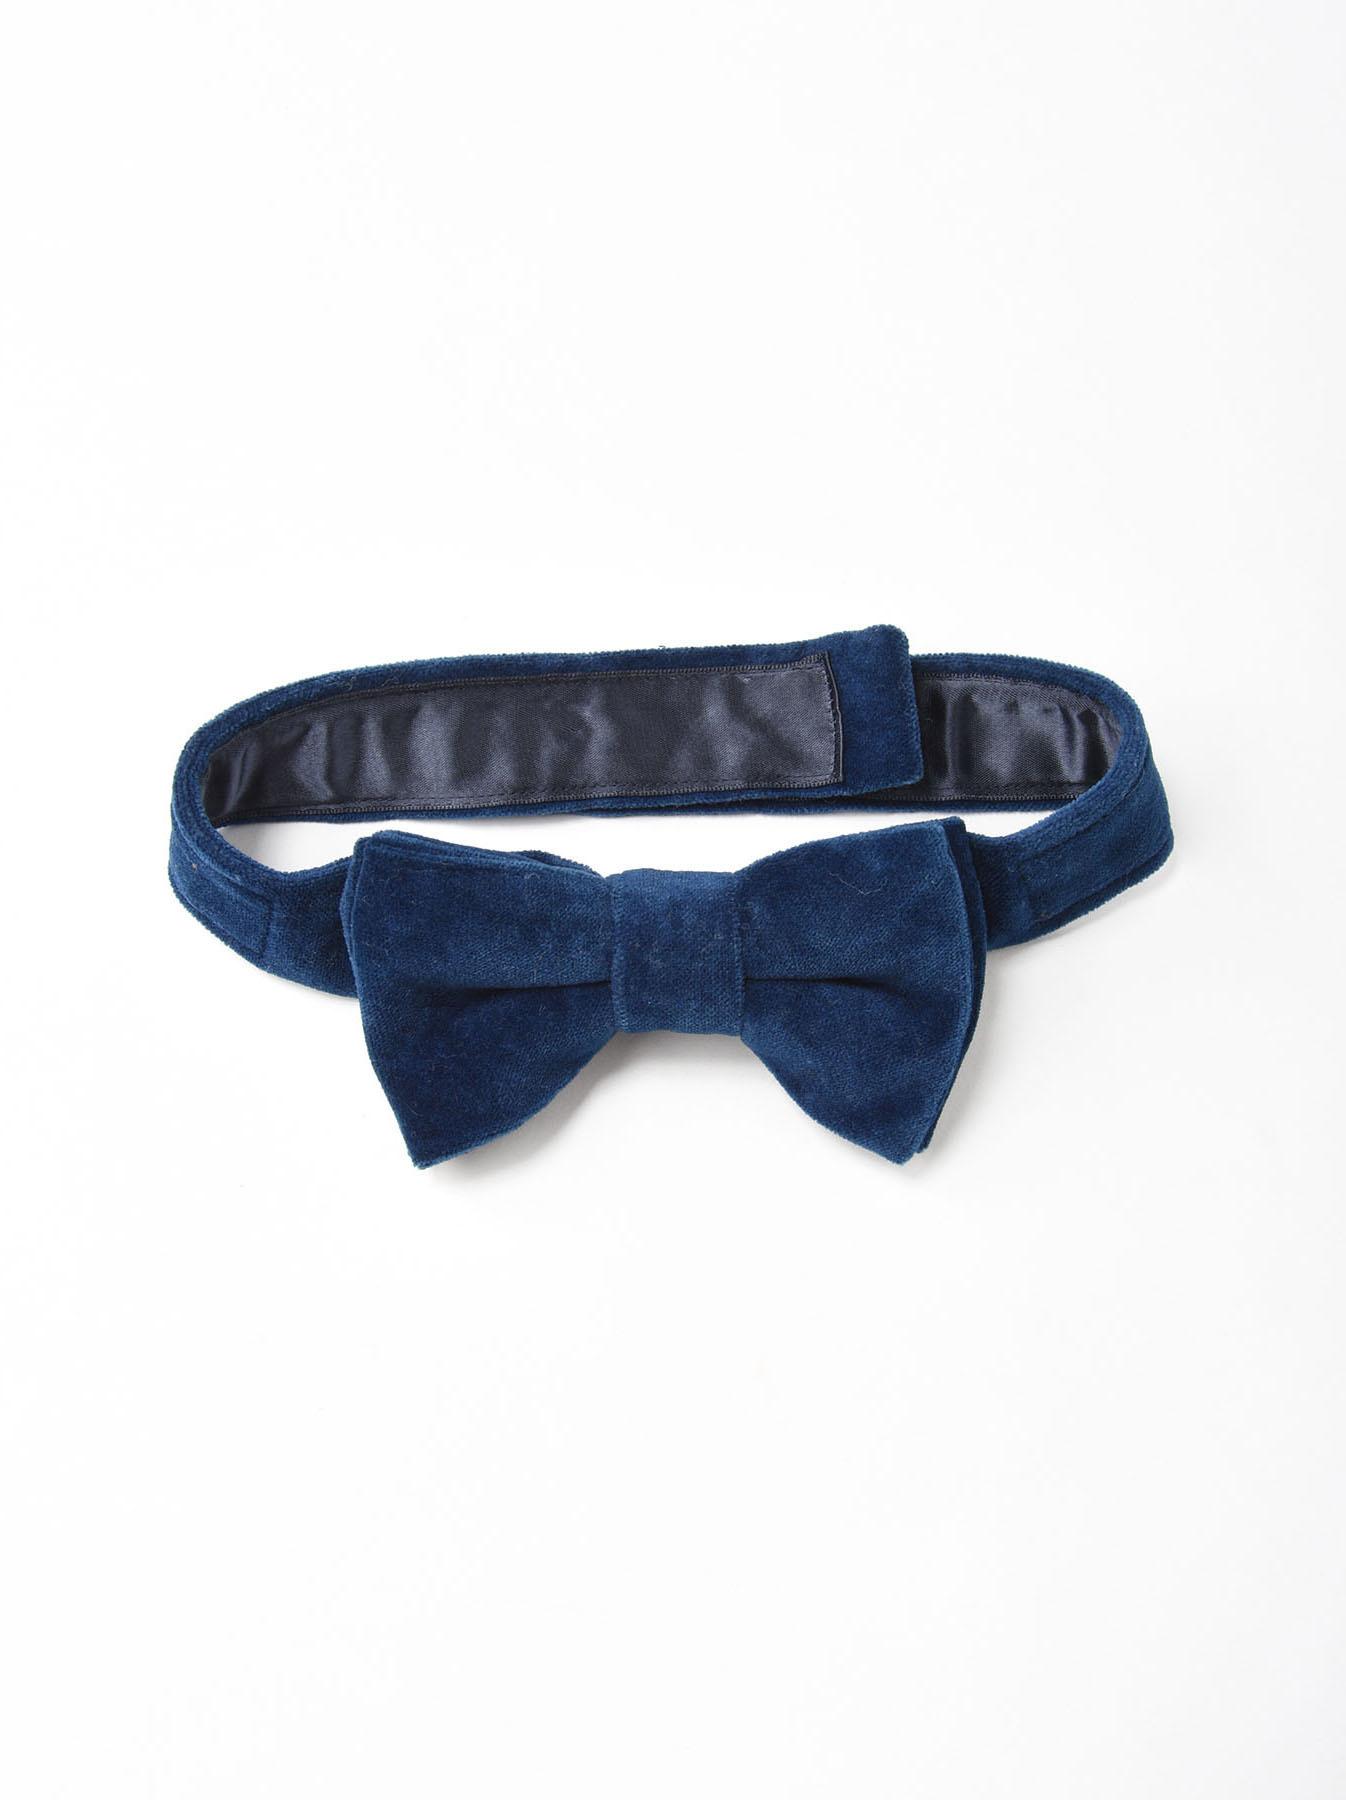 Indigo Velveteen Bow Tie-1